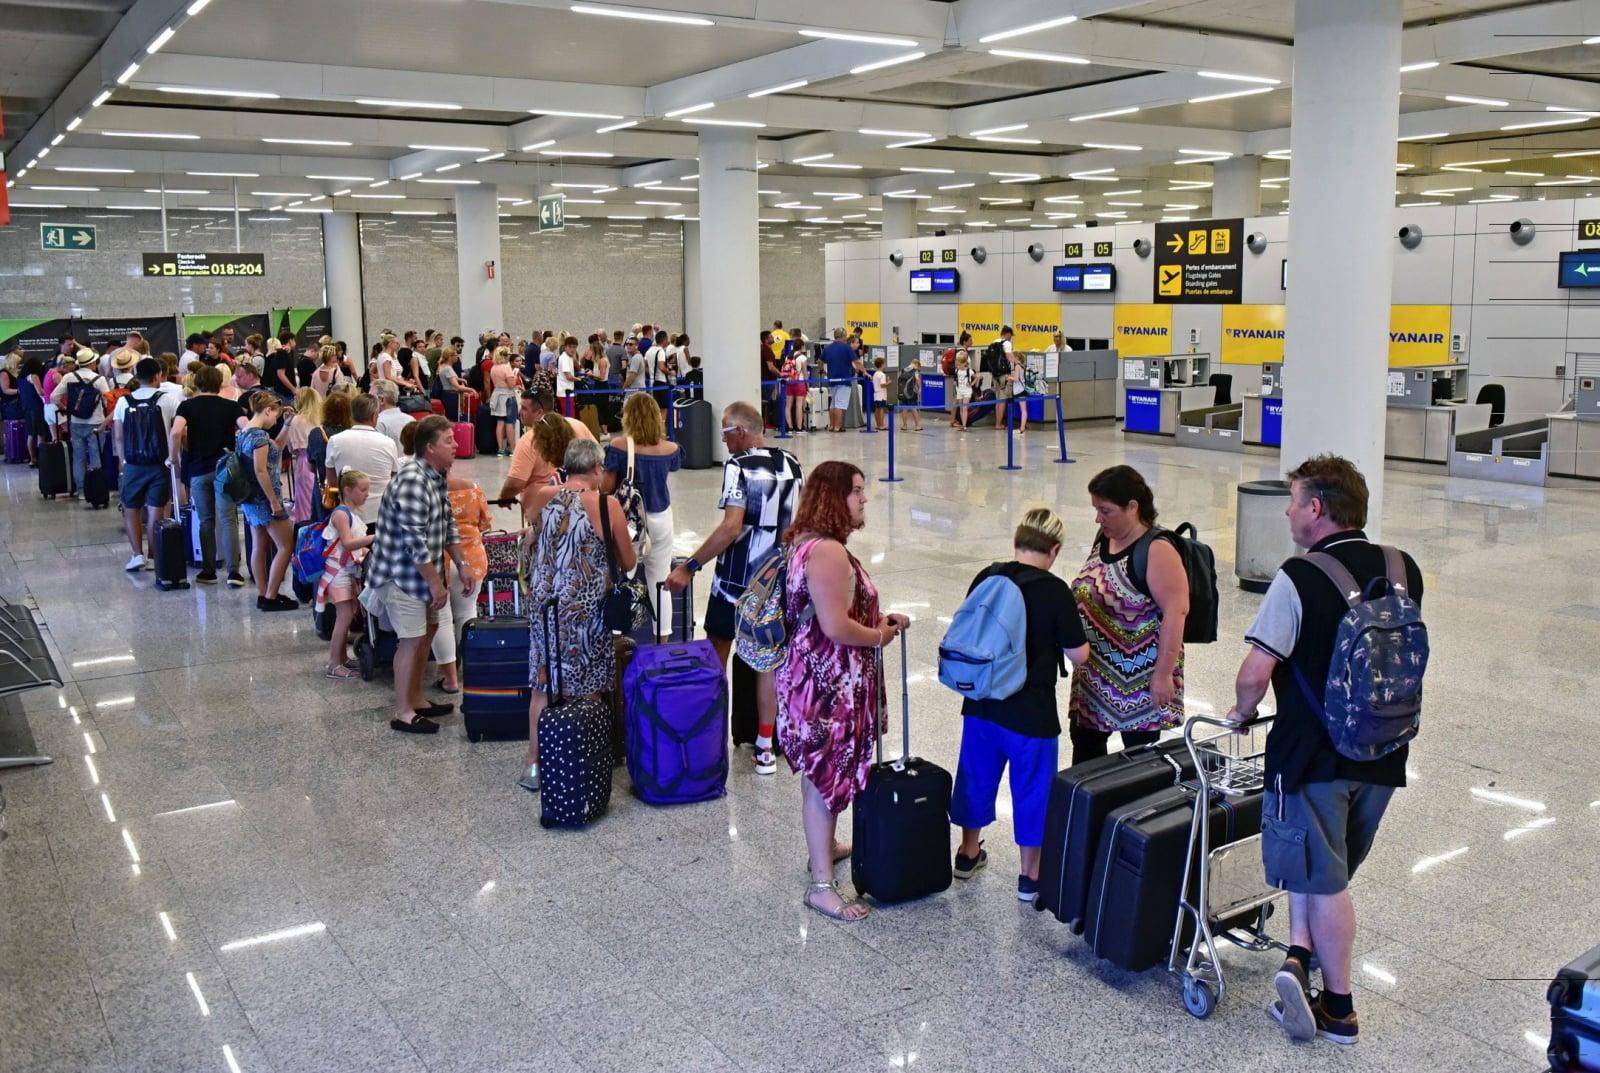 Kolejki na lotnisku Palma de Mallorca spowodowane strajkiem członków personelu pokładowego firmy Ryanair, Baleary, Hiszpania, fot. EPA/ATIENZA